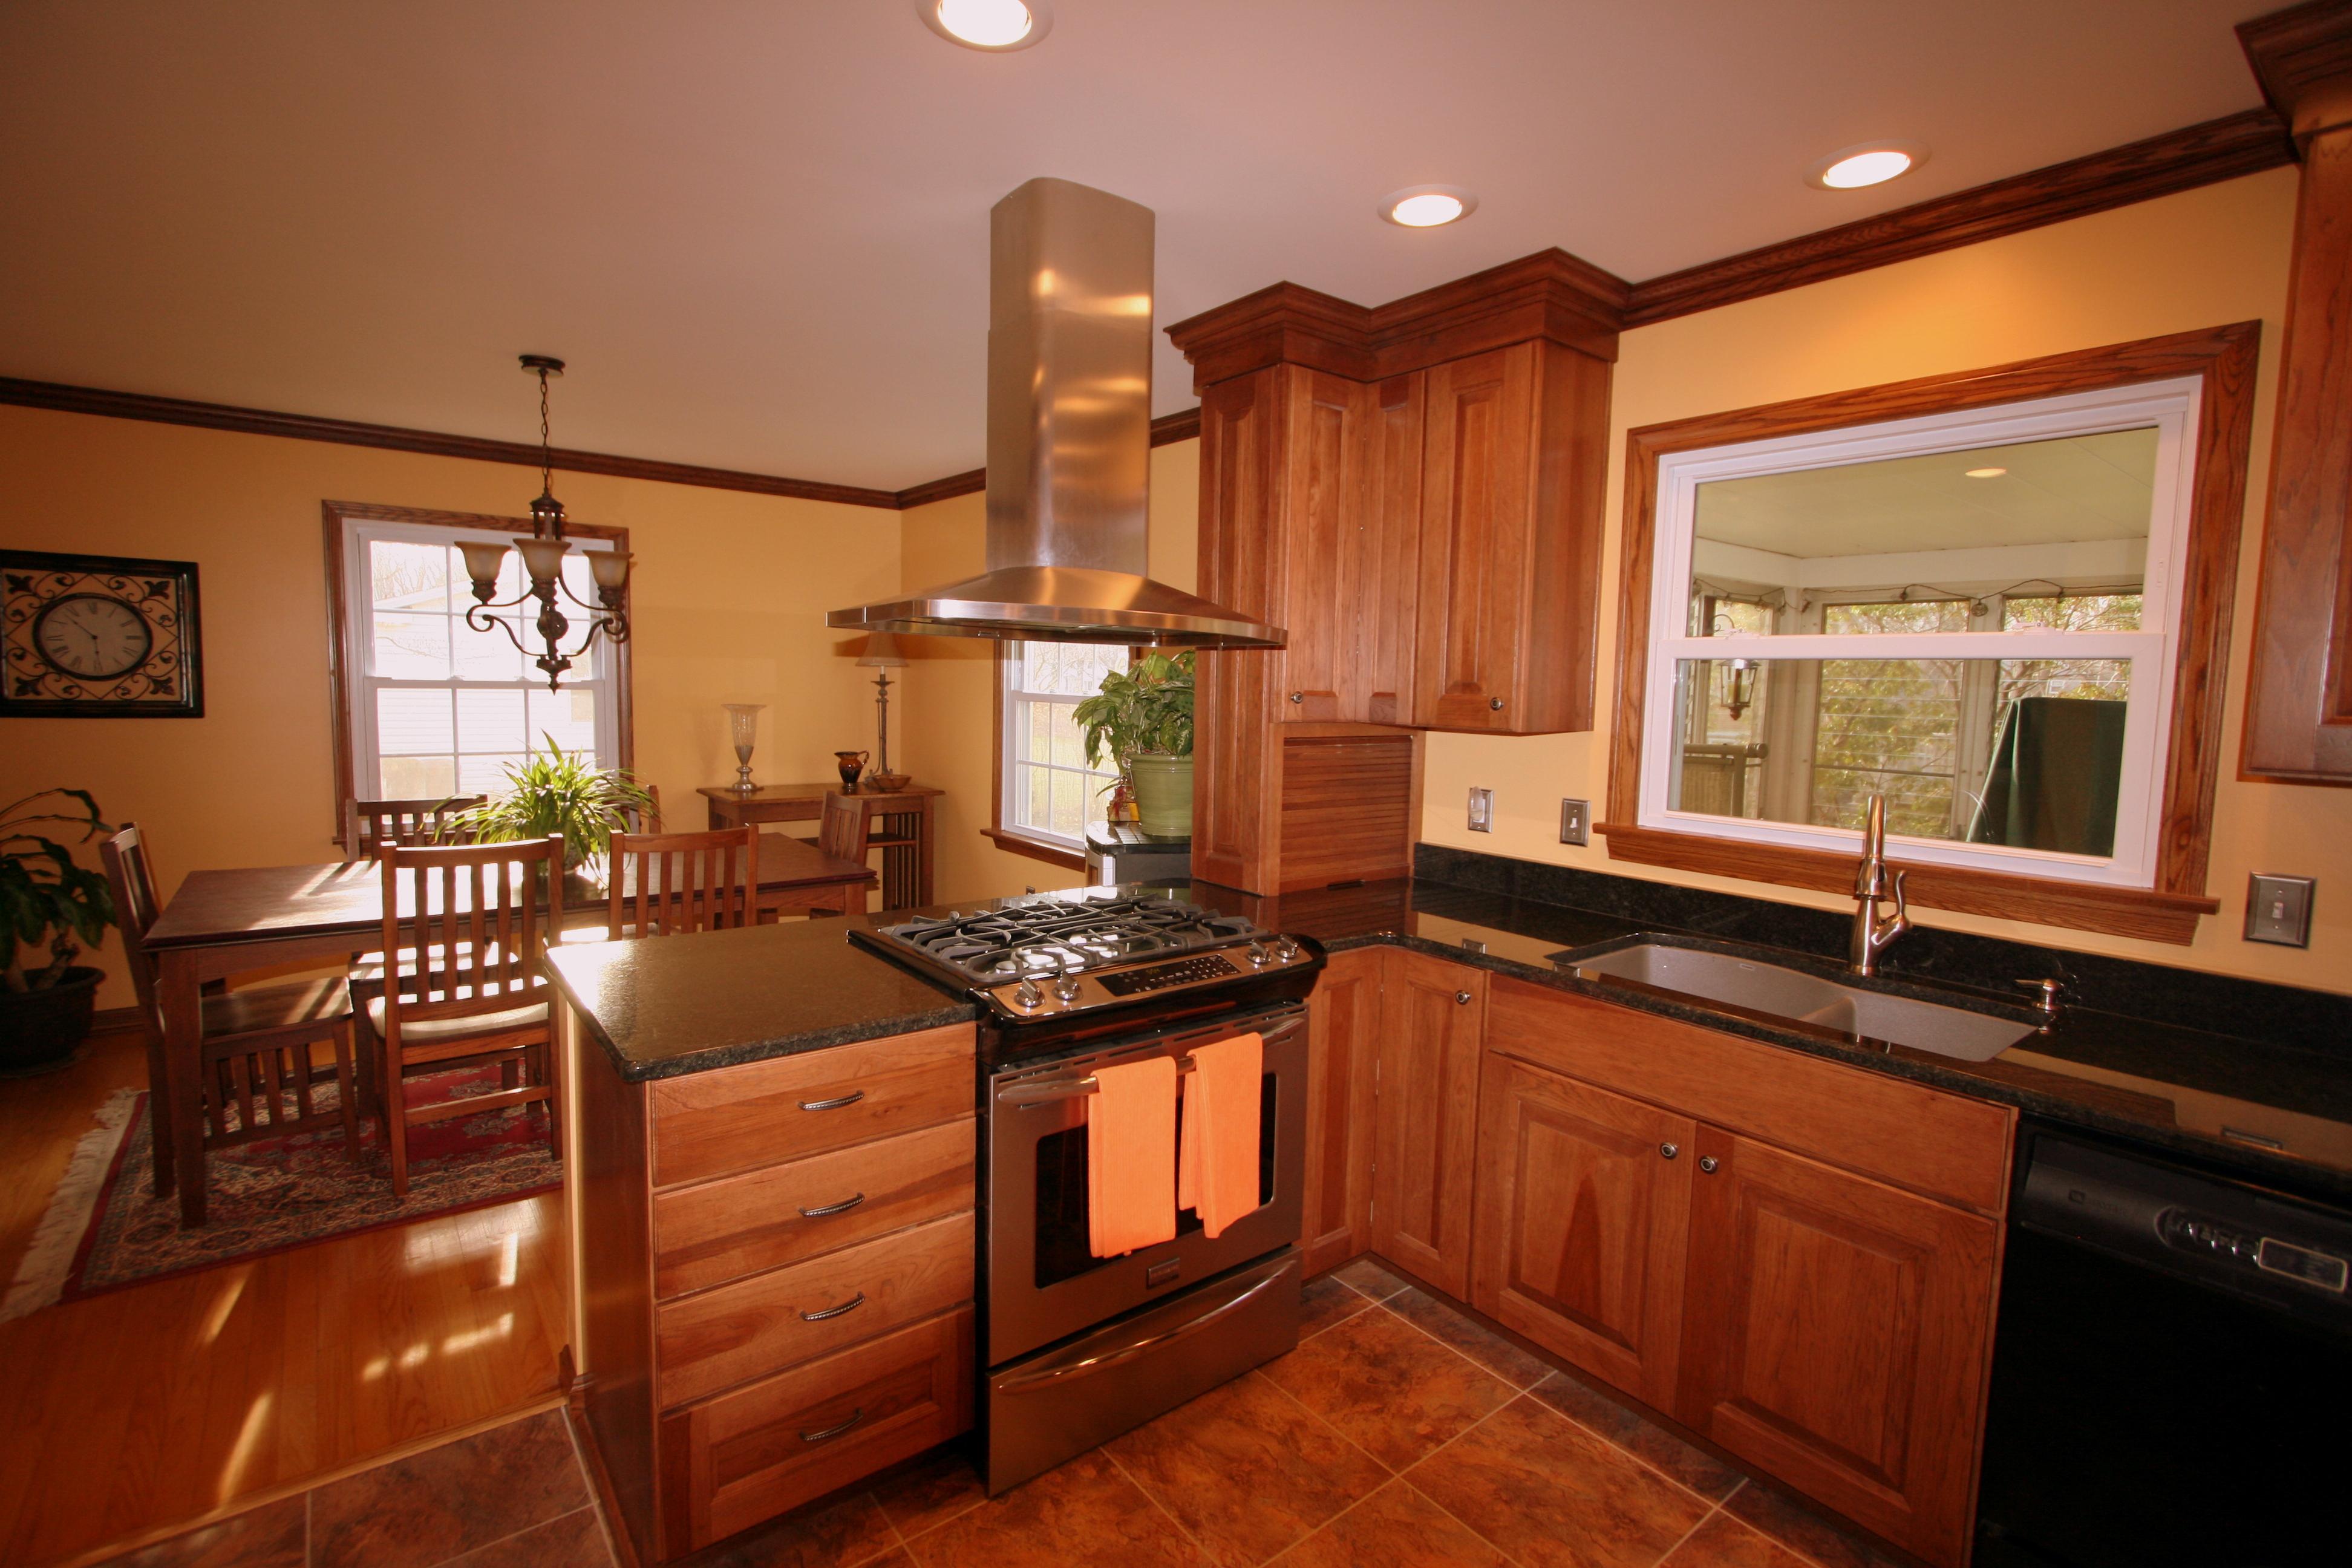 Andreas Kitchens Plus Interior Design Photos